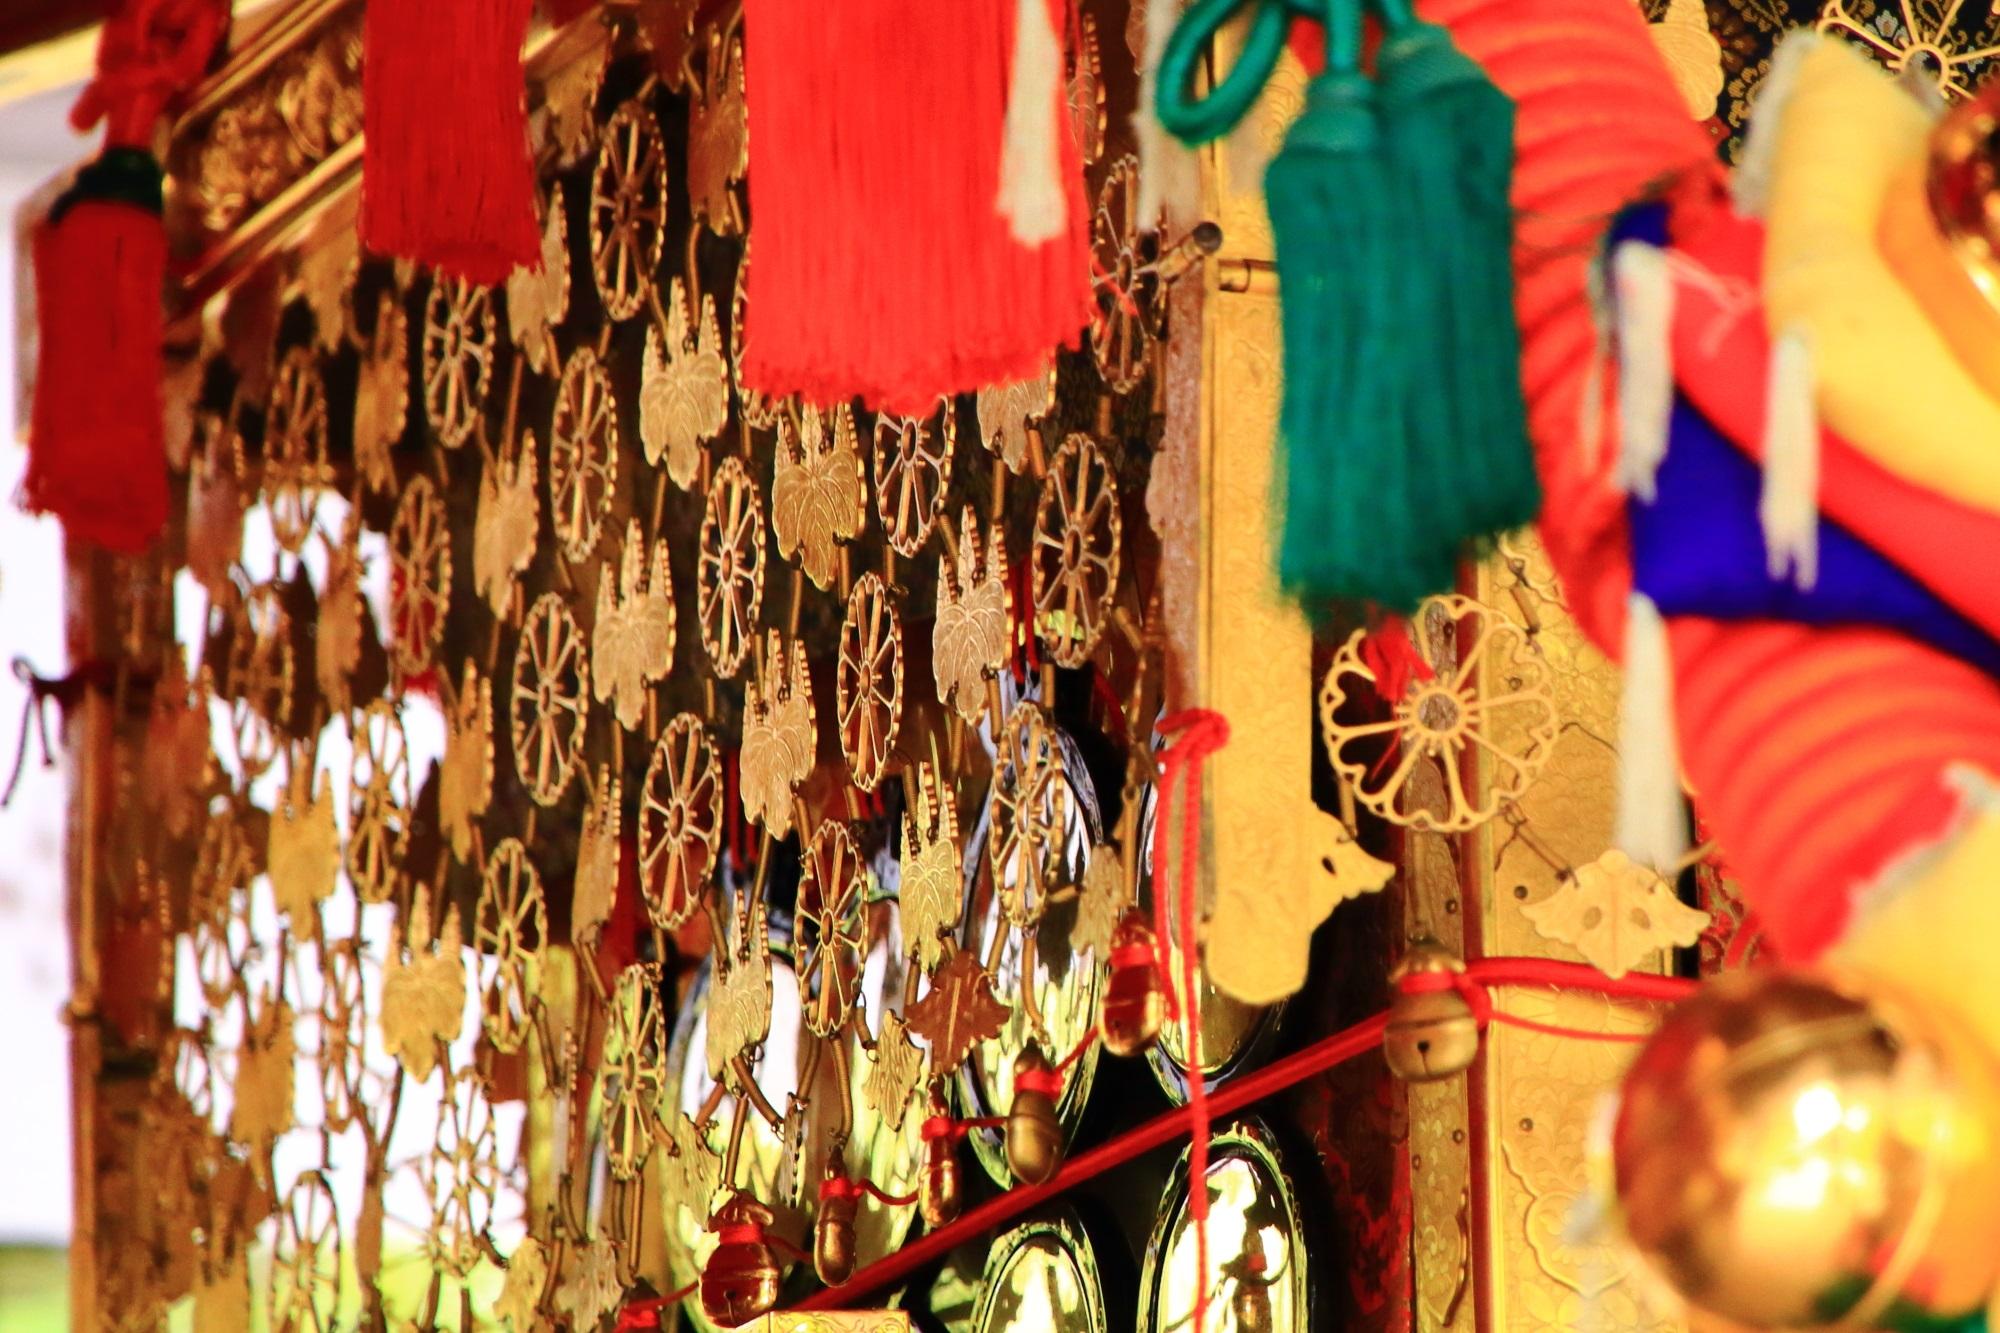 上御霊神社の御霊祭のお神輿の文様の華やかな飾り